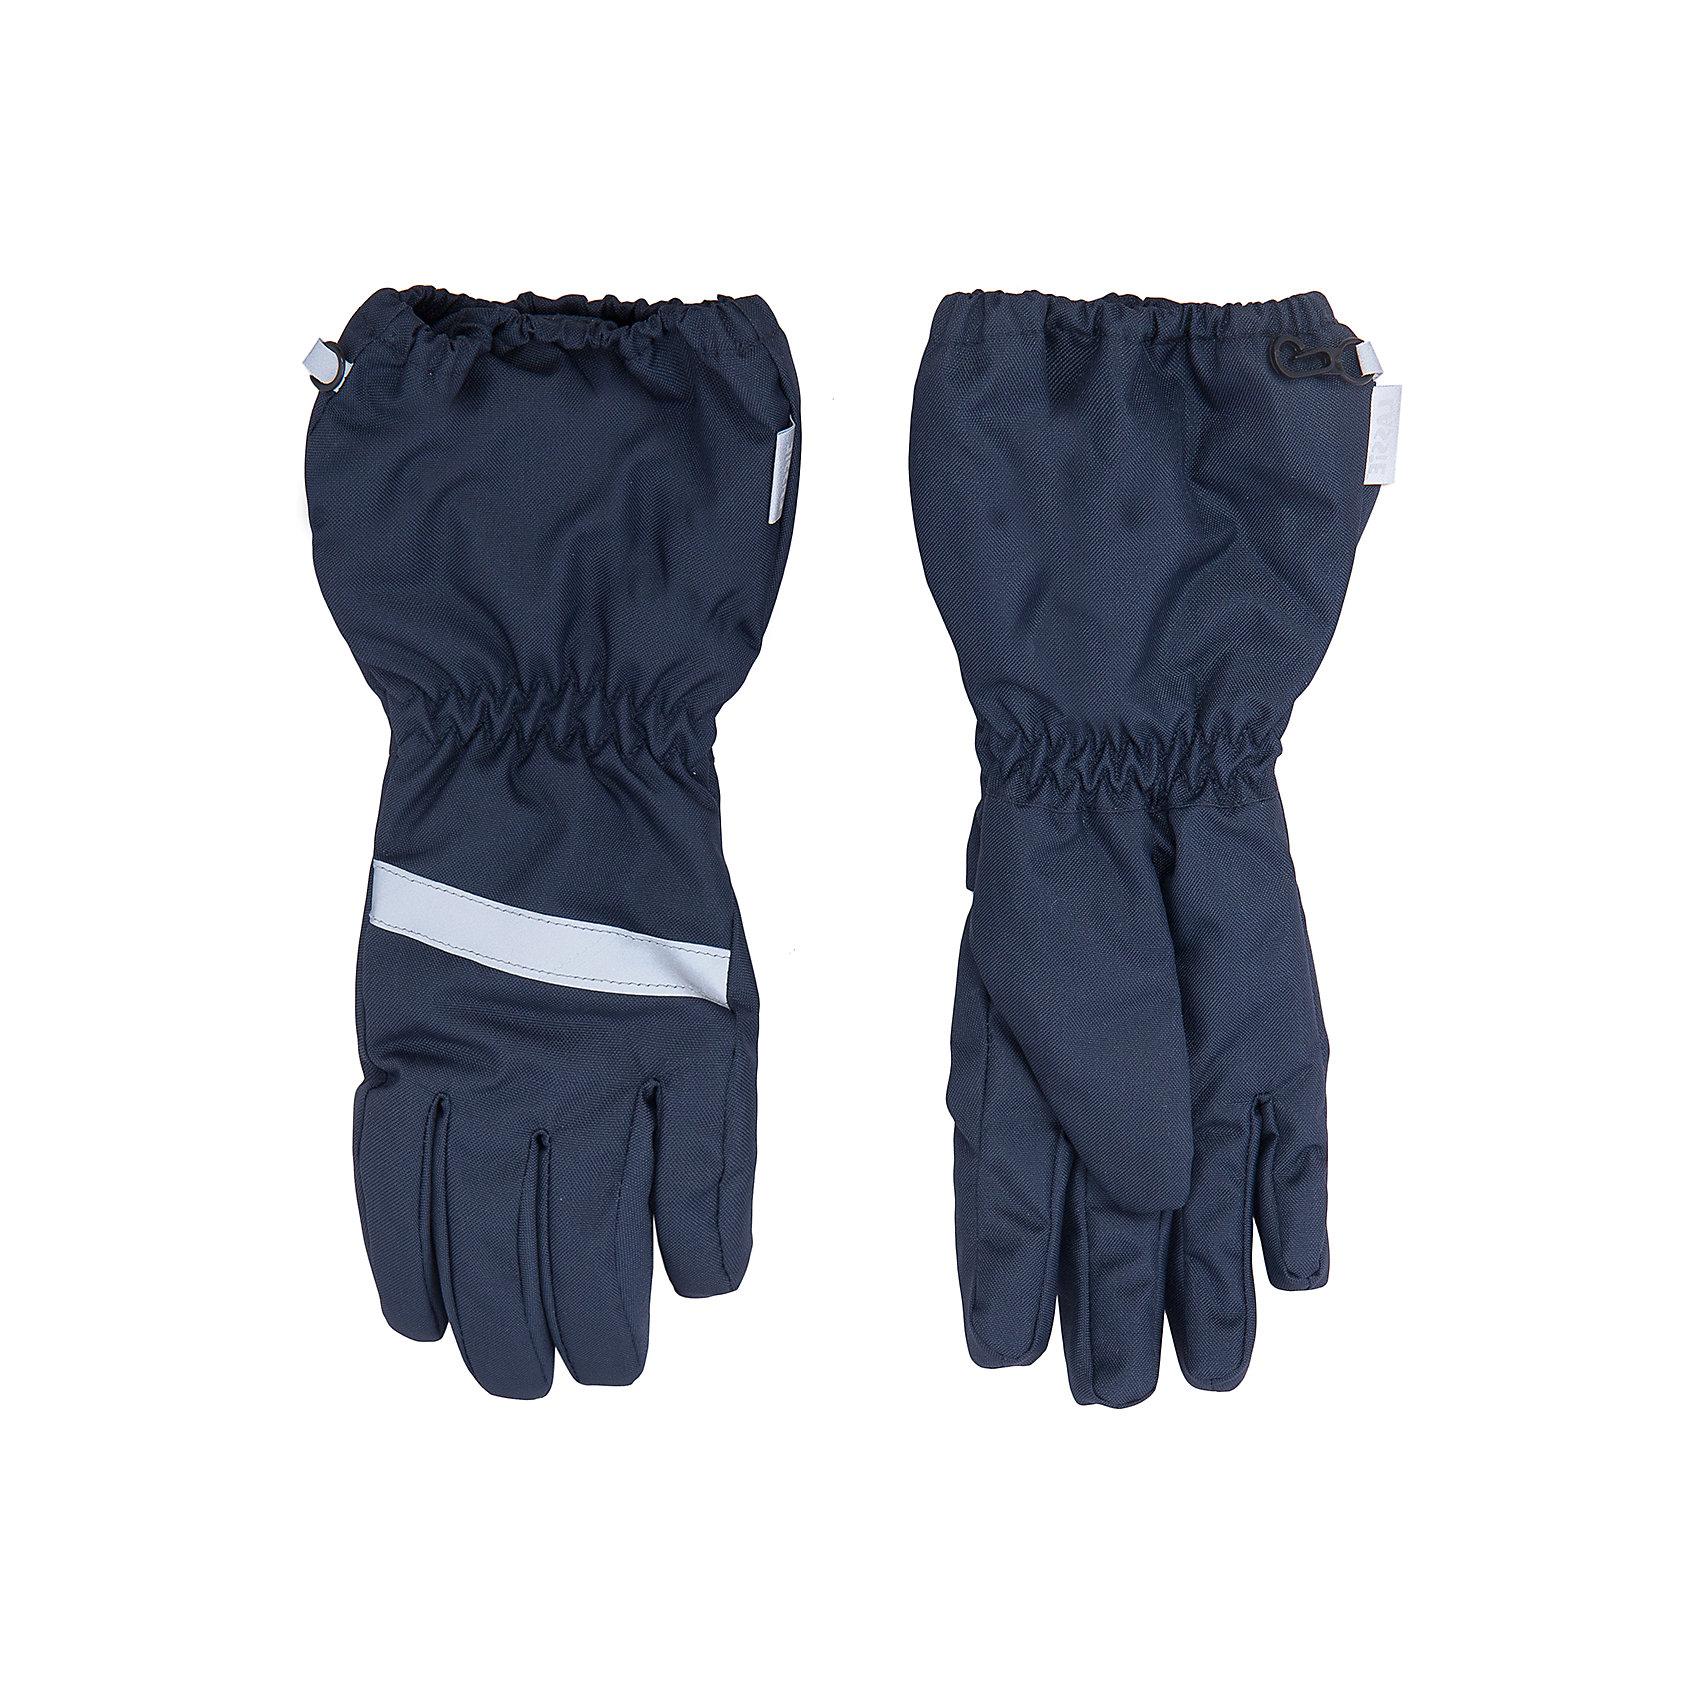 Перчатки для мальчика LASSIEЗимние перчатки для детей известной финской марки.<br><br>- Сверхпрочный материал. Водоотталкивающий, ветронепроницаемый и грязеотталкивающий материал. <br>- Подкладка из полиэстера с начесом. <br>- Средняя степень утепления.<br>-  Безопасные светоотражающие детали. Светоотражающая эмблема Lassie®.  <br><br>Рекомендации по уходу: Полоскать без специального средства. Сушить при низкой температуре.<br><br> Состав: 100% Полиамид, полиуретановое покрытие.  Утеплитель «Lassie wadding» 120гр.<br><br>Ширина мм: 162<br>Глубина мм: 171<br>Высота мм: 55<br>Вес г: 119<br>Цвет: синий<br>Возраст от месяцев: 120<br>Возраст до месяцев: 144<br>Пол: Мужской<br>Возраст: Детский<br>Размер: 6,3,4,5<br>SKU: 4780648